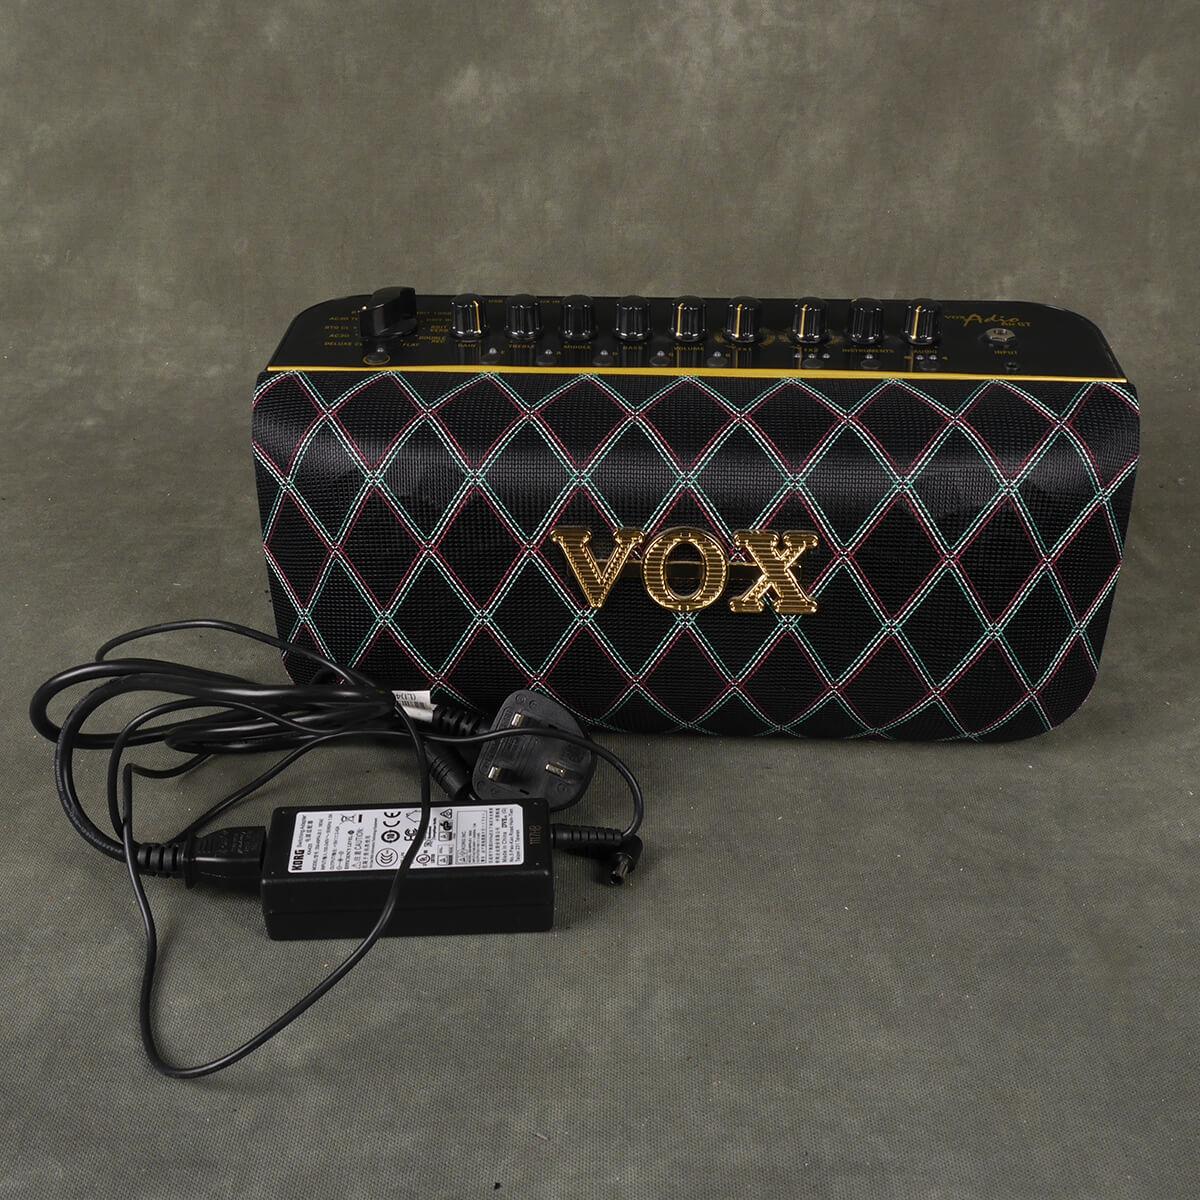 Vox Adio Air GT Amplifier w/PSU - 2nd Hand